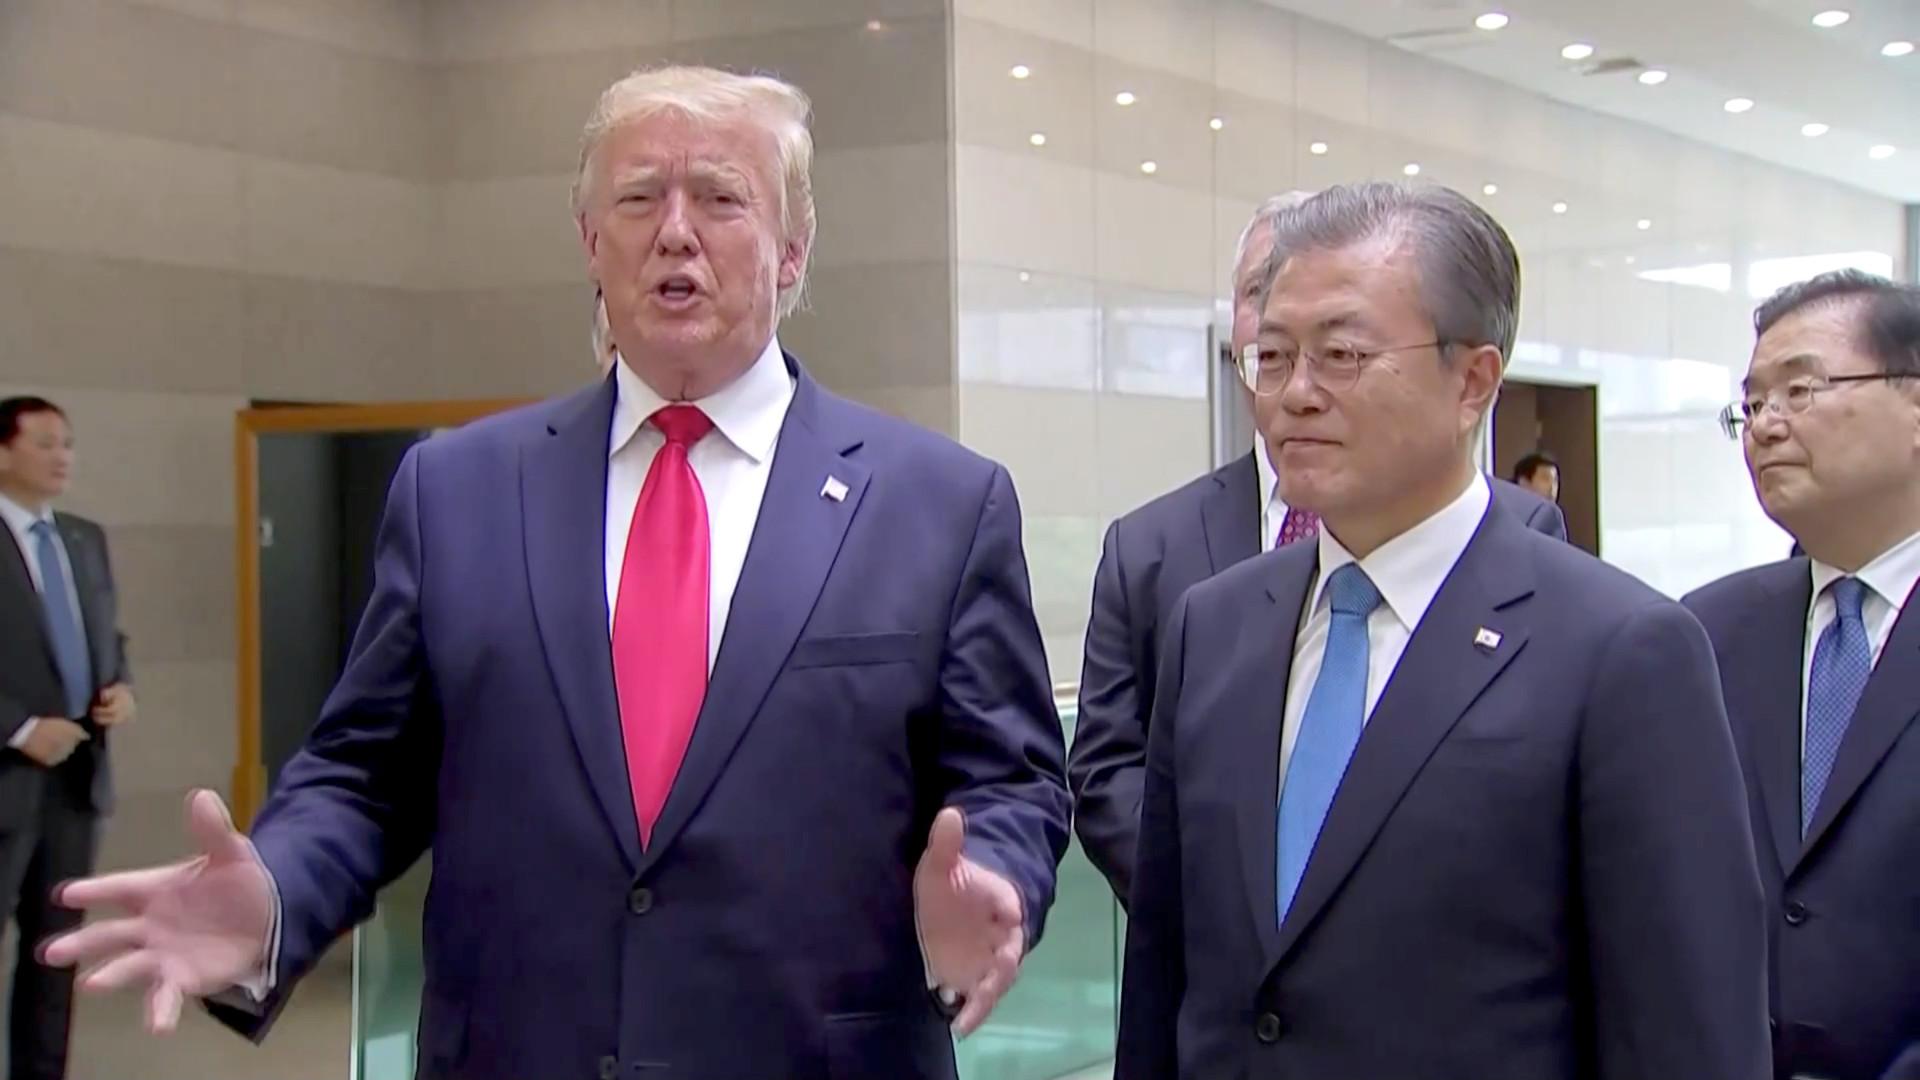 ترامب: واشنطن وبيونغ يانغ تشكلان فريقي تفاوض سيلتقيان خلال أسبوعين أو ثلاثة أسابيع